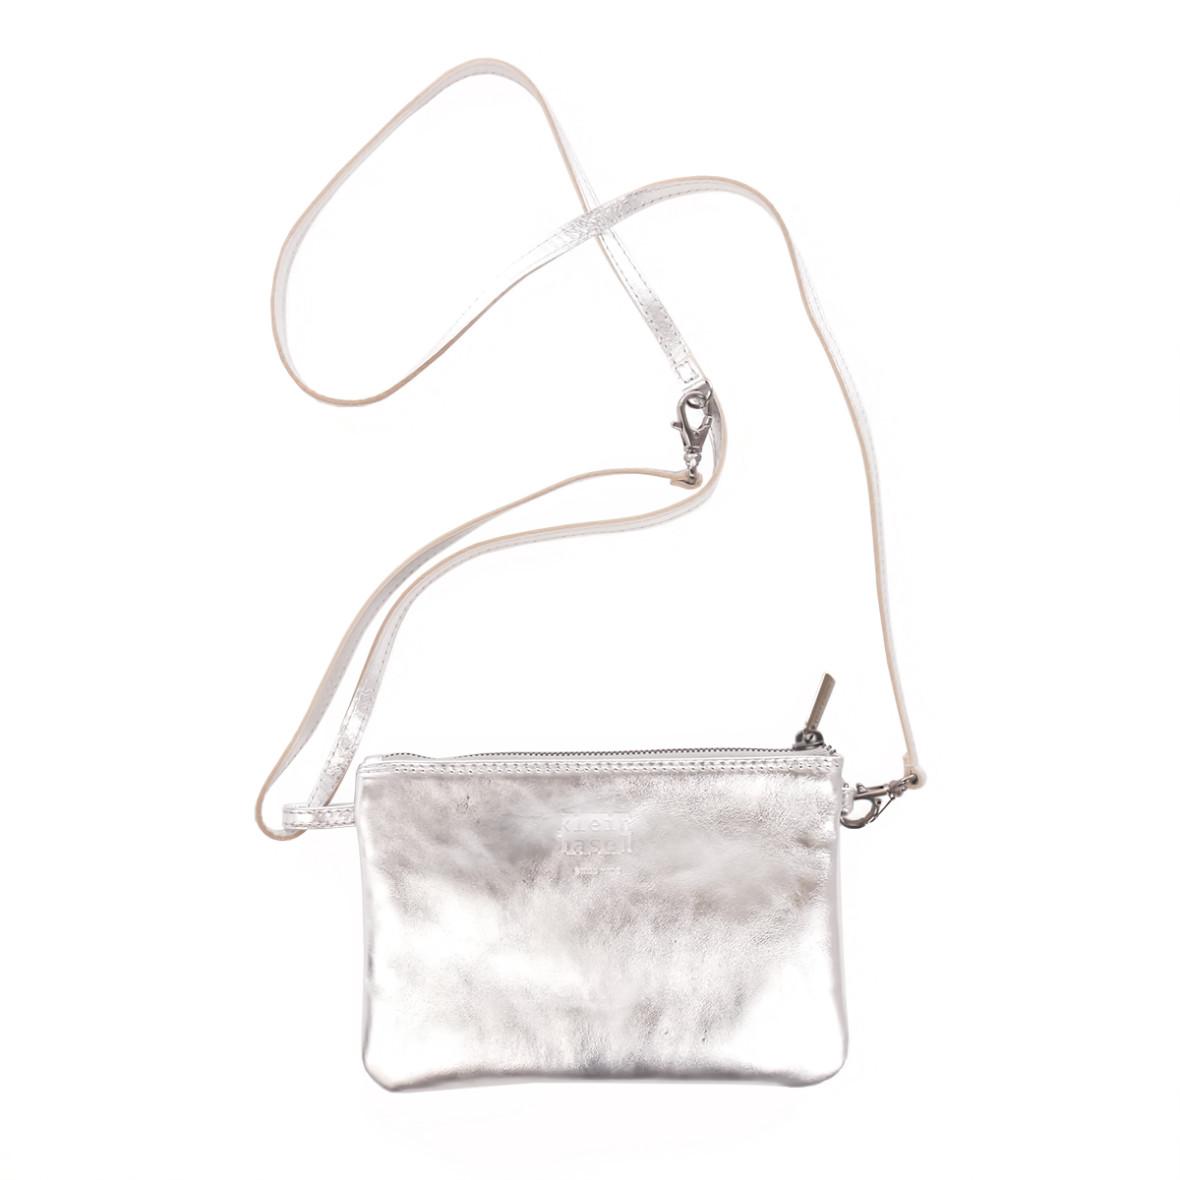 Umhängetasche Linea in Laminato Silver von Kleinbasel